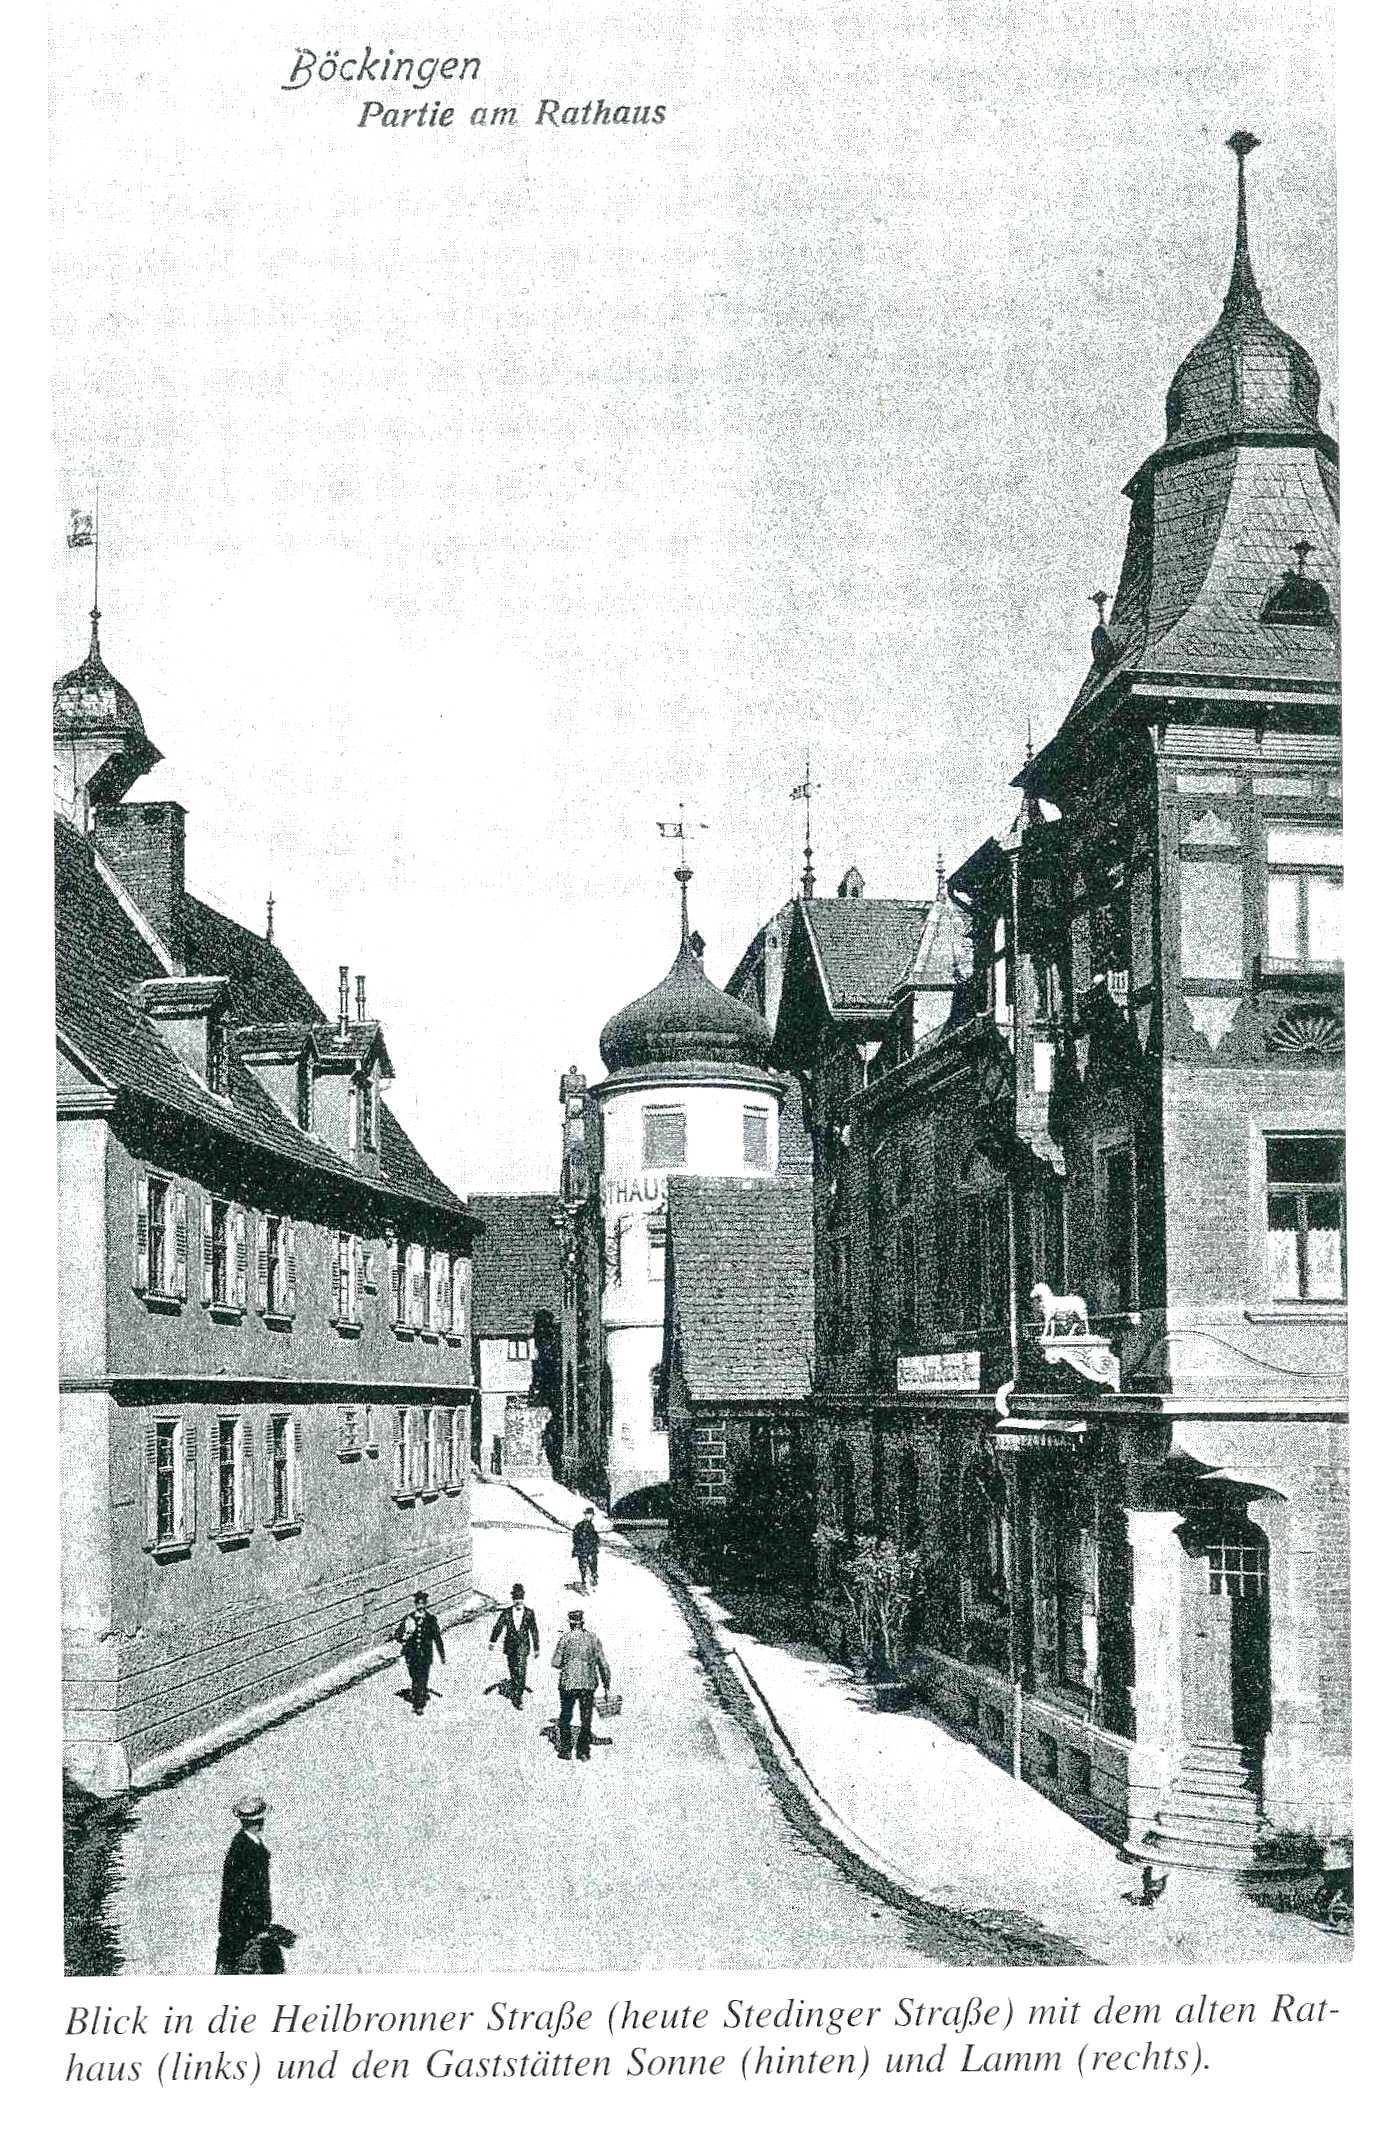 Architekt Heilbronn file heilbronn böckingen heilbronner straße heute stedinger straße